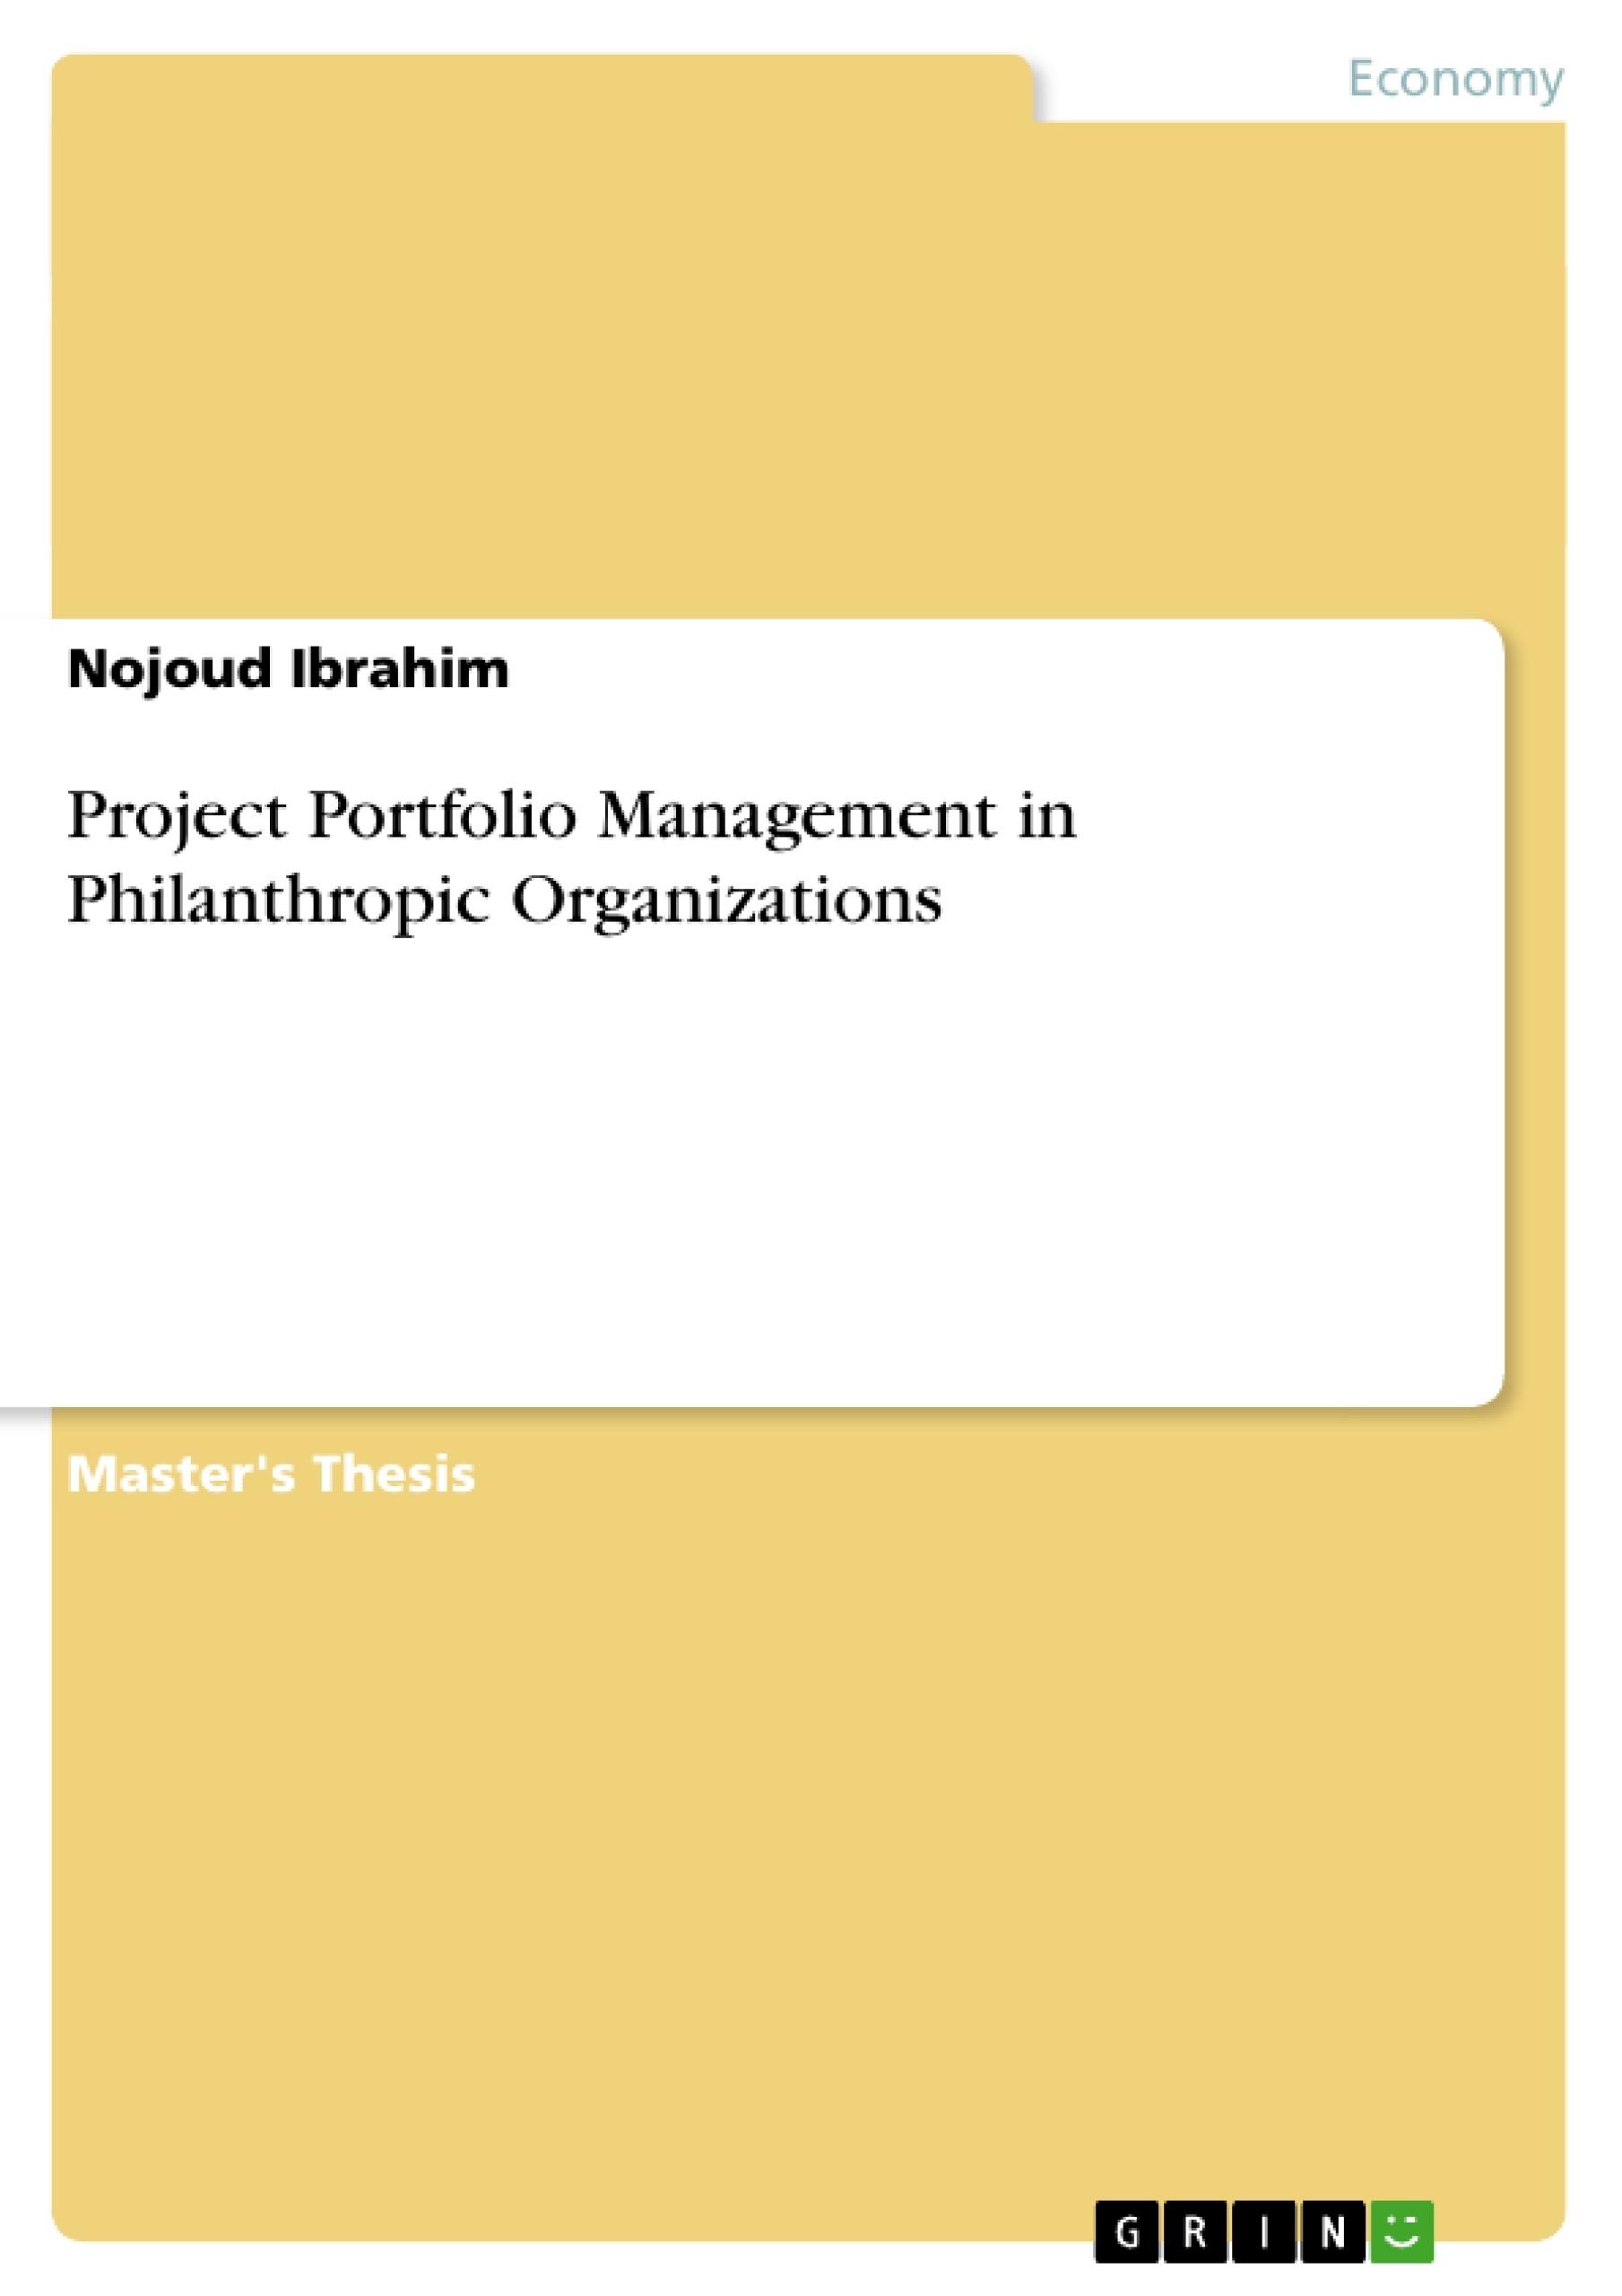 Title: Project Portfolio Management in Philanthropic Organizations